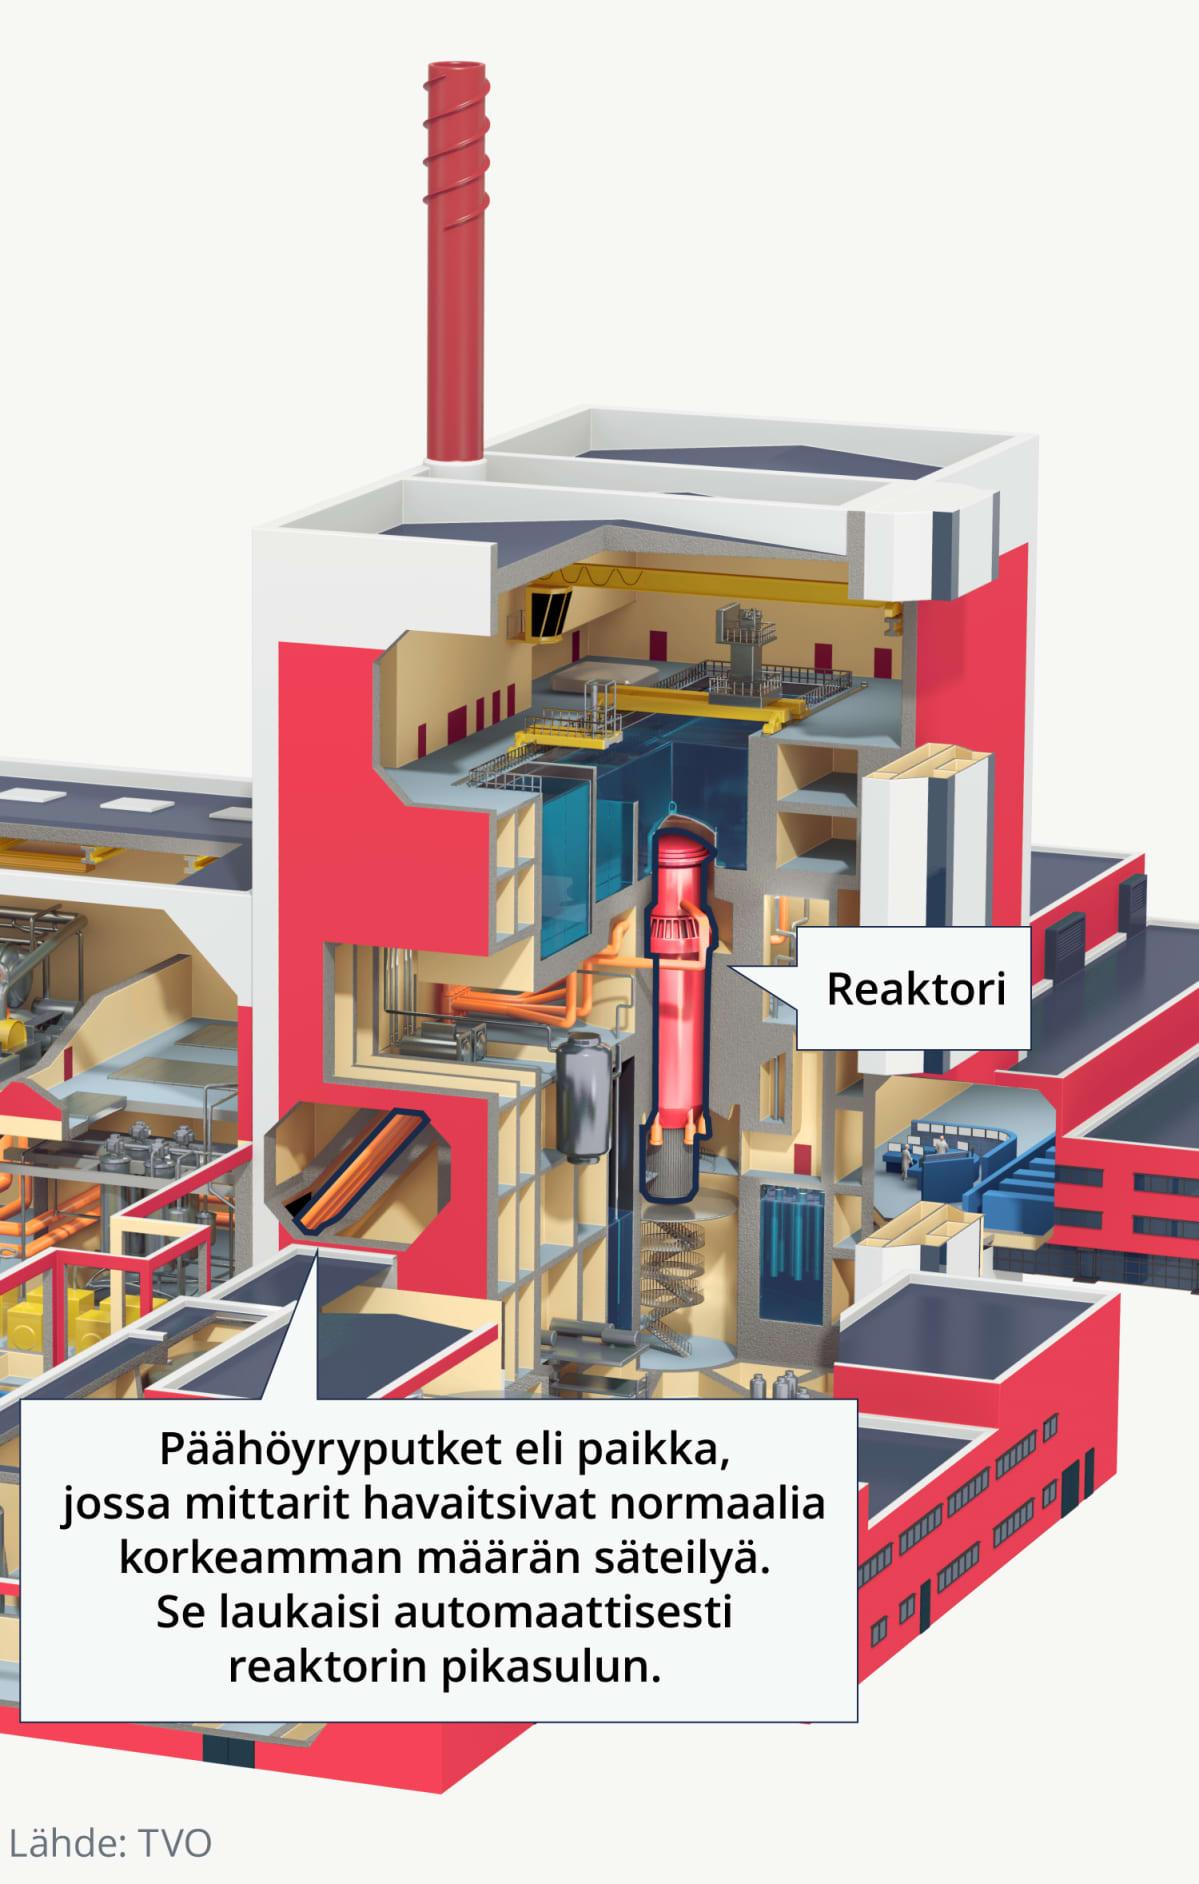 Voimalan läpileikkaus, joka näyttää päähöyryputkien paikan, jossa normaalia korkeampi määrä säteilyä havaittiin